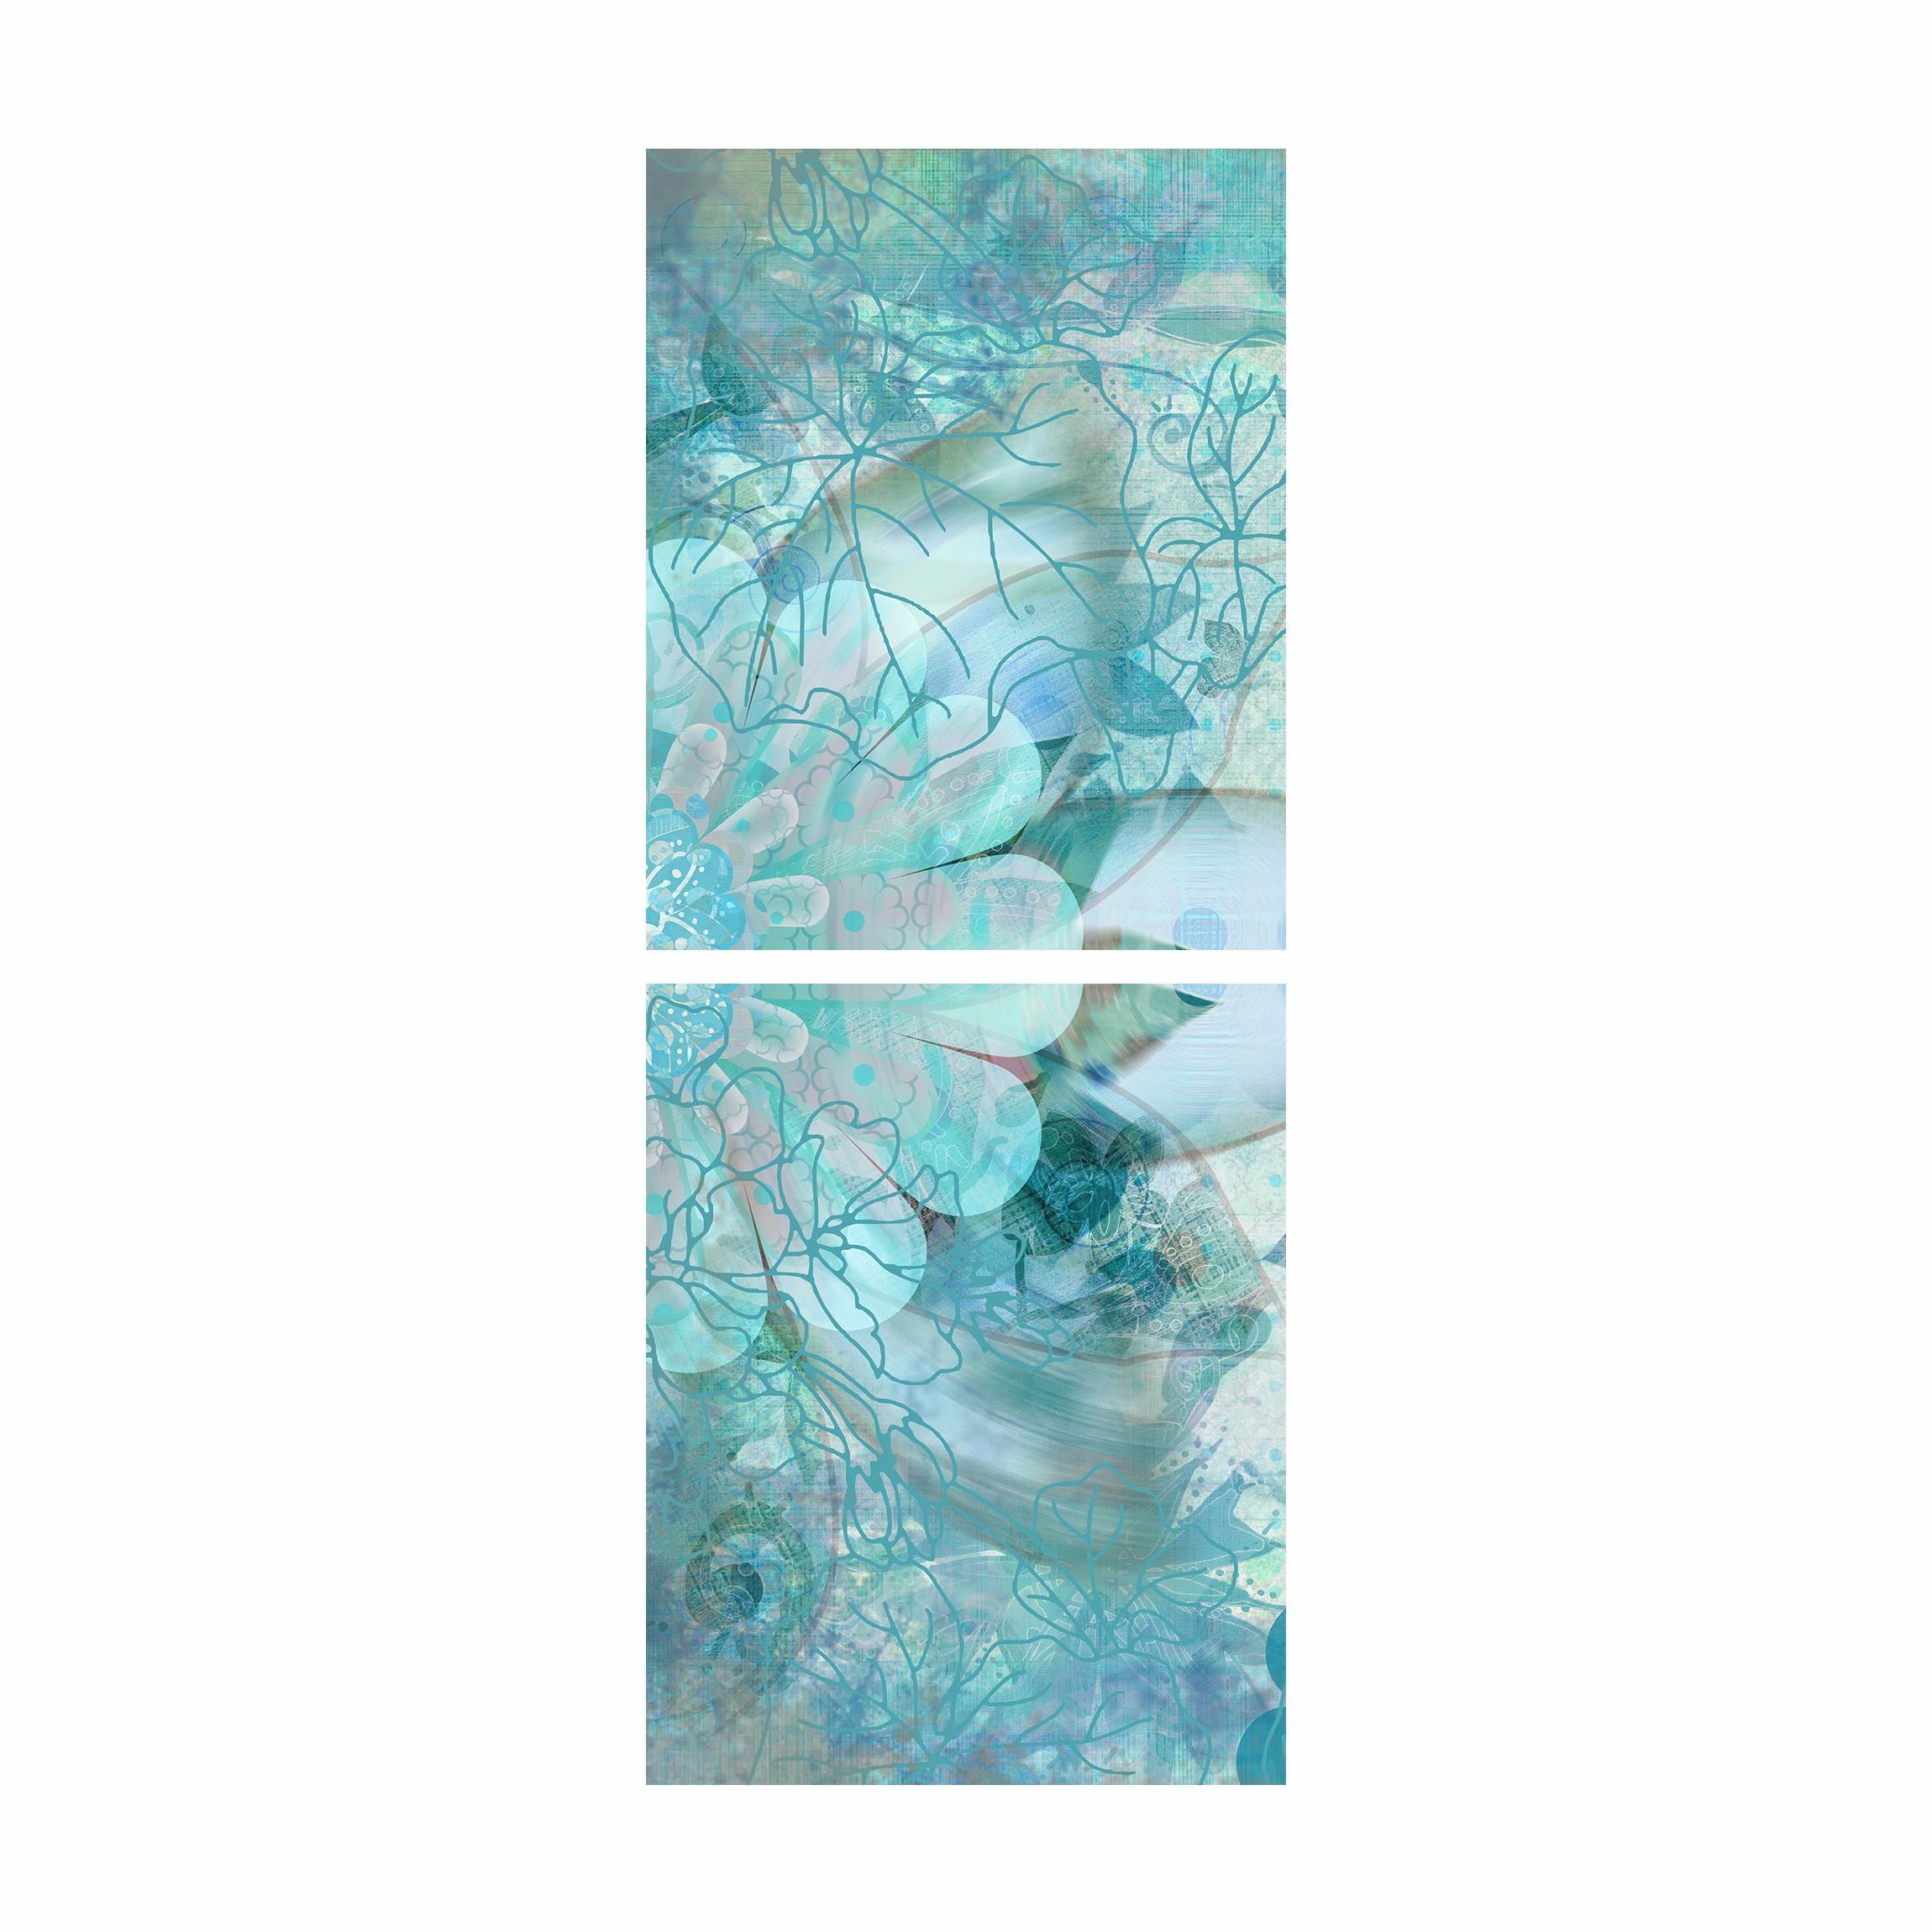 Carta adesiva per mobili ikea billy libreria winter for Carta adesiva per mobili ikea